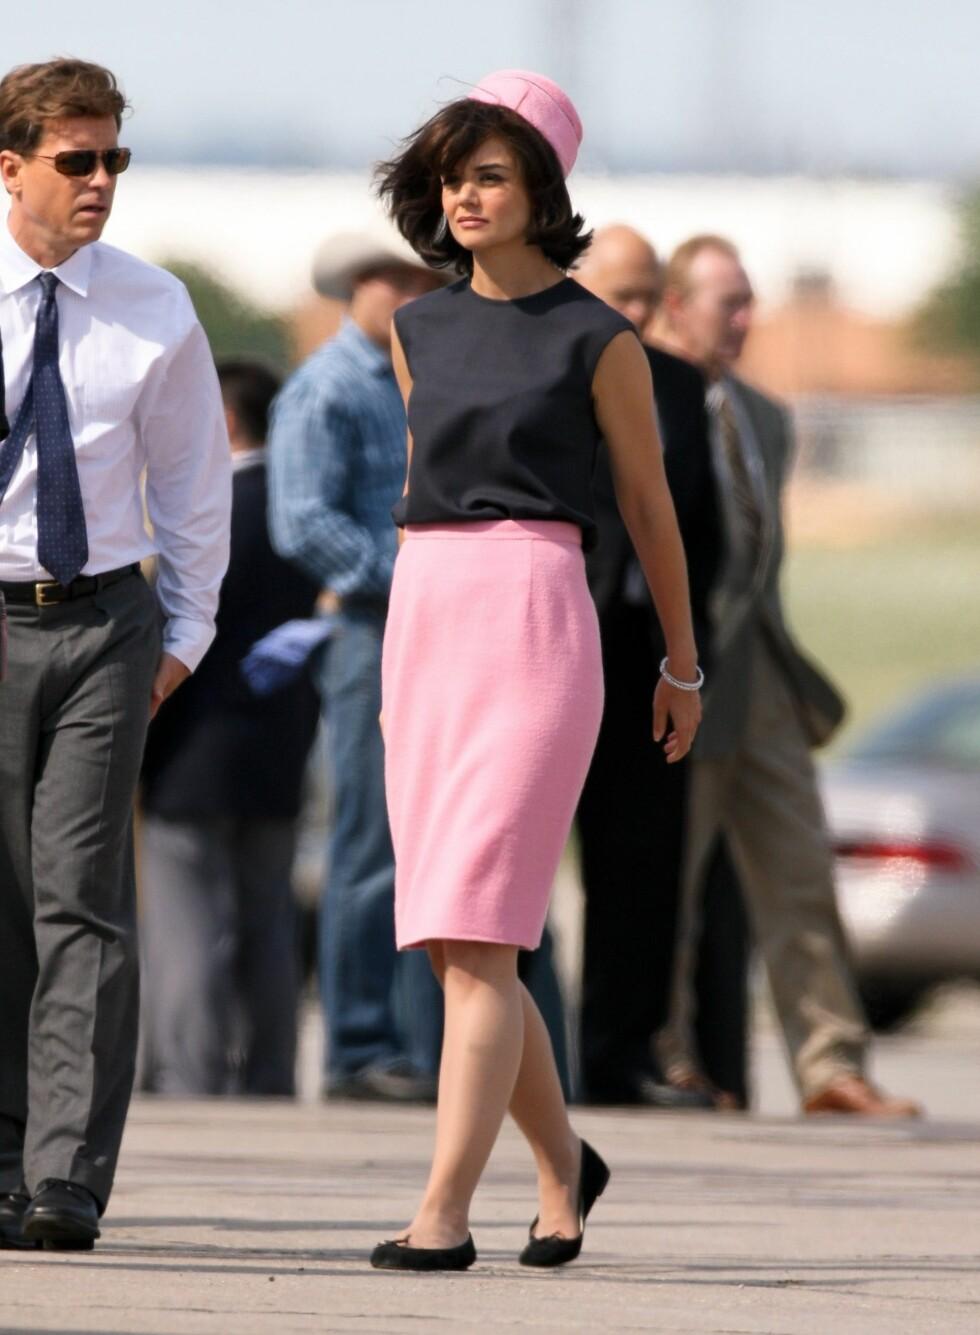 UTEN JAKKE: Her har Jackie kastet jakken, men hun er fortsatt like klassisk. Foto: All Over Press